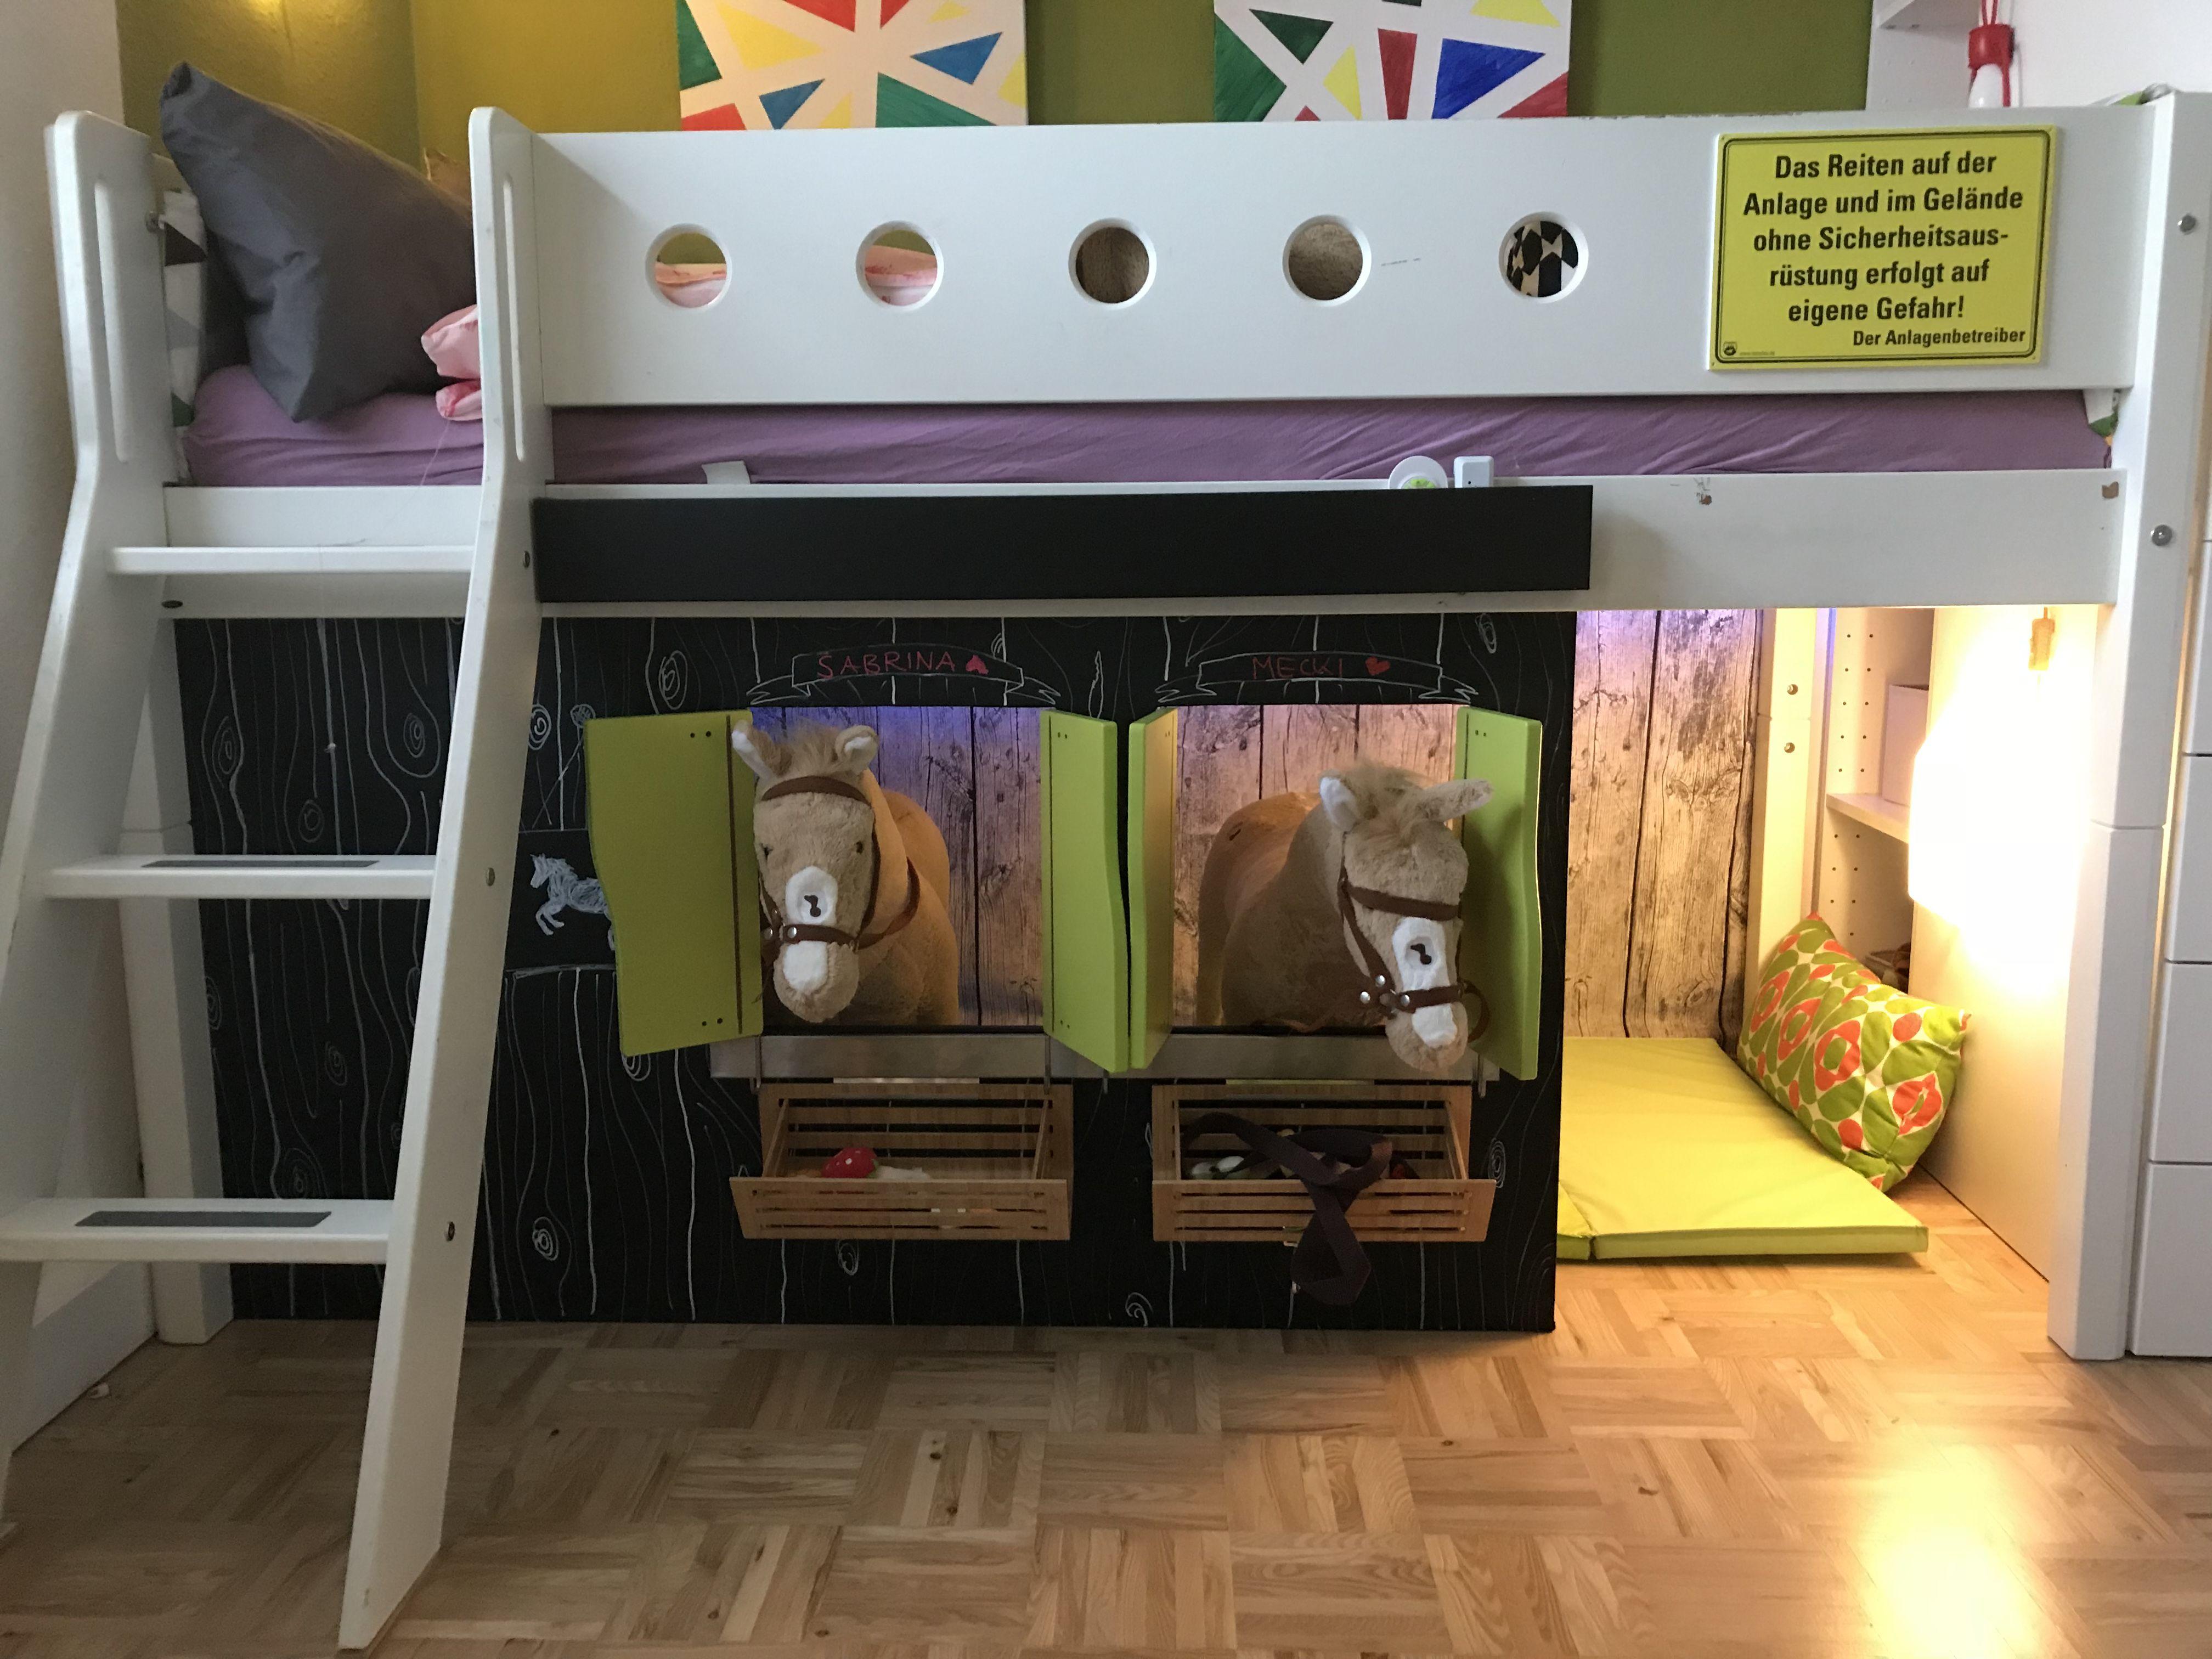 Hochbett Selbst Gebaut : pferdestall unter dem hochbett selbst gebaut pferde ~ Watch28wear.com Haus und Dekorationen